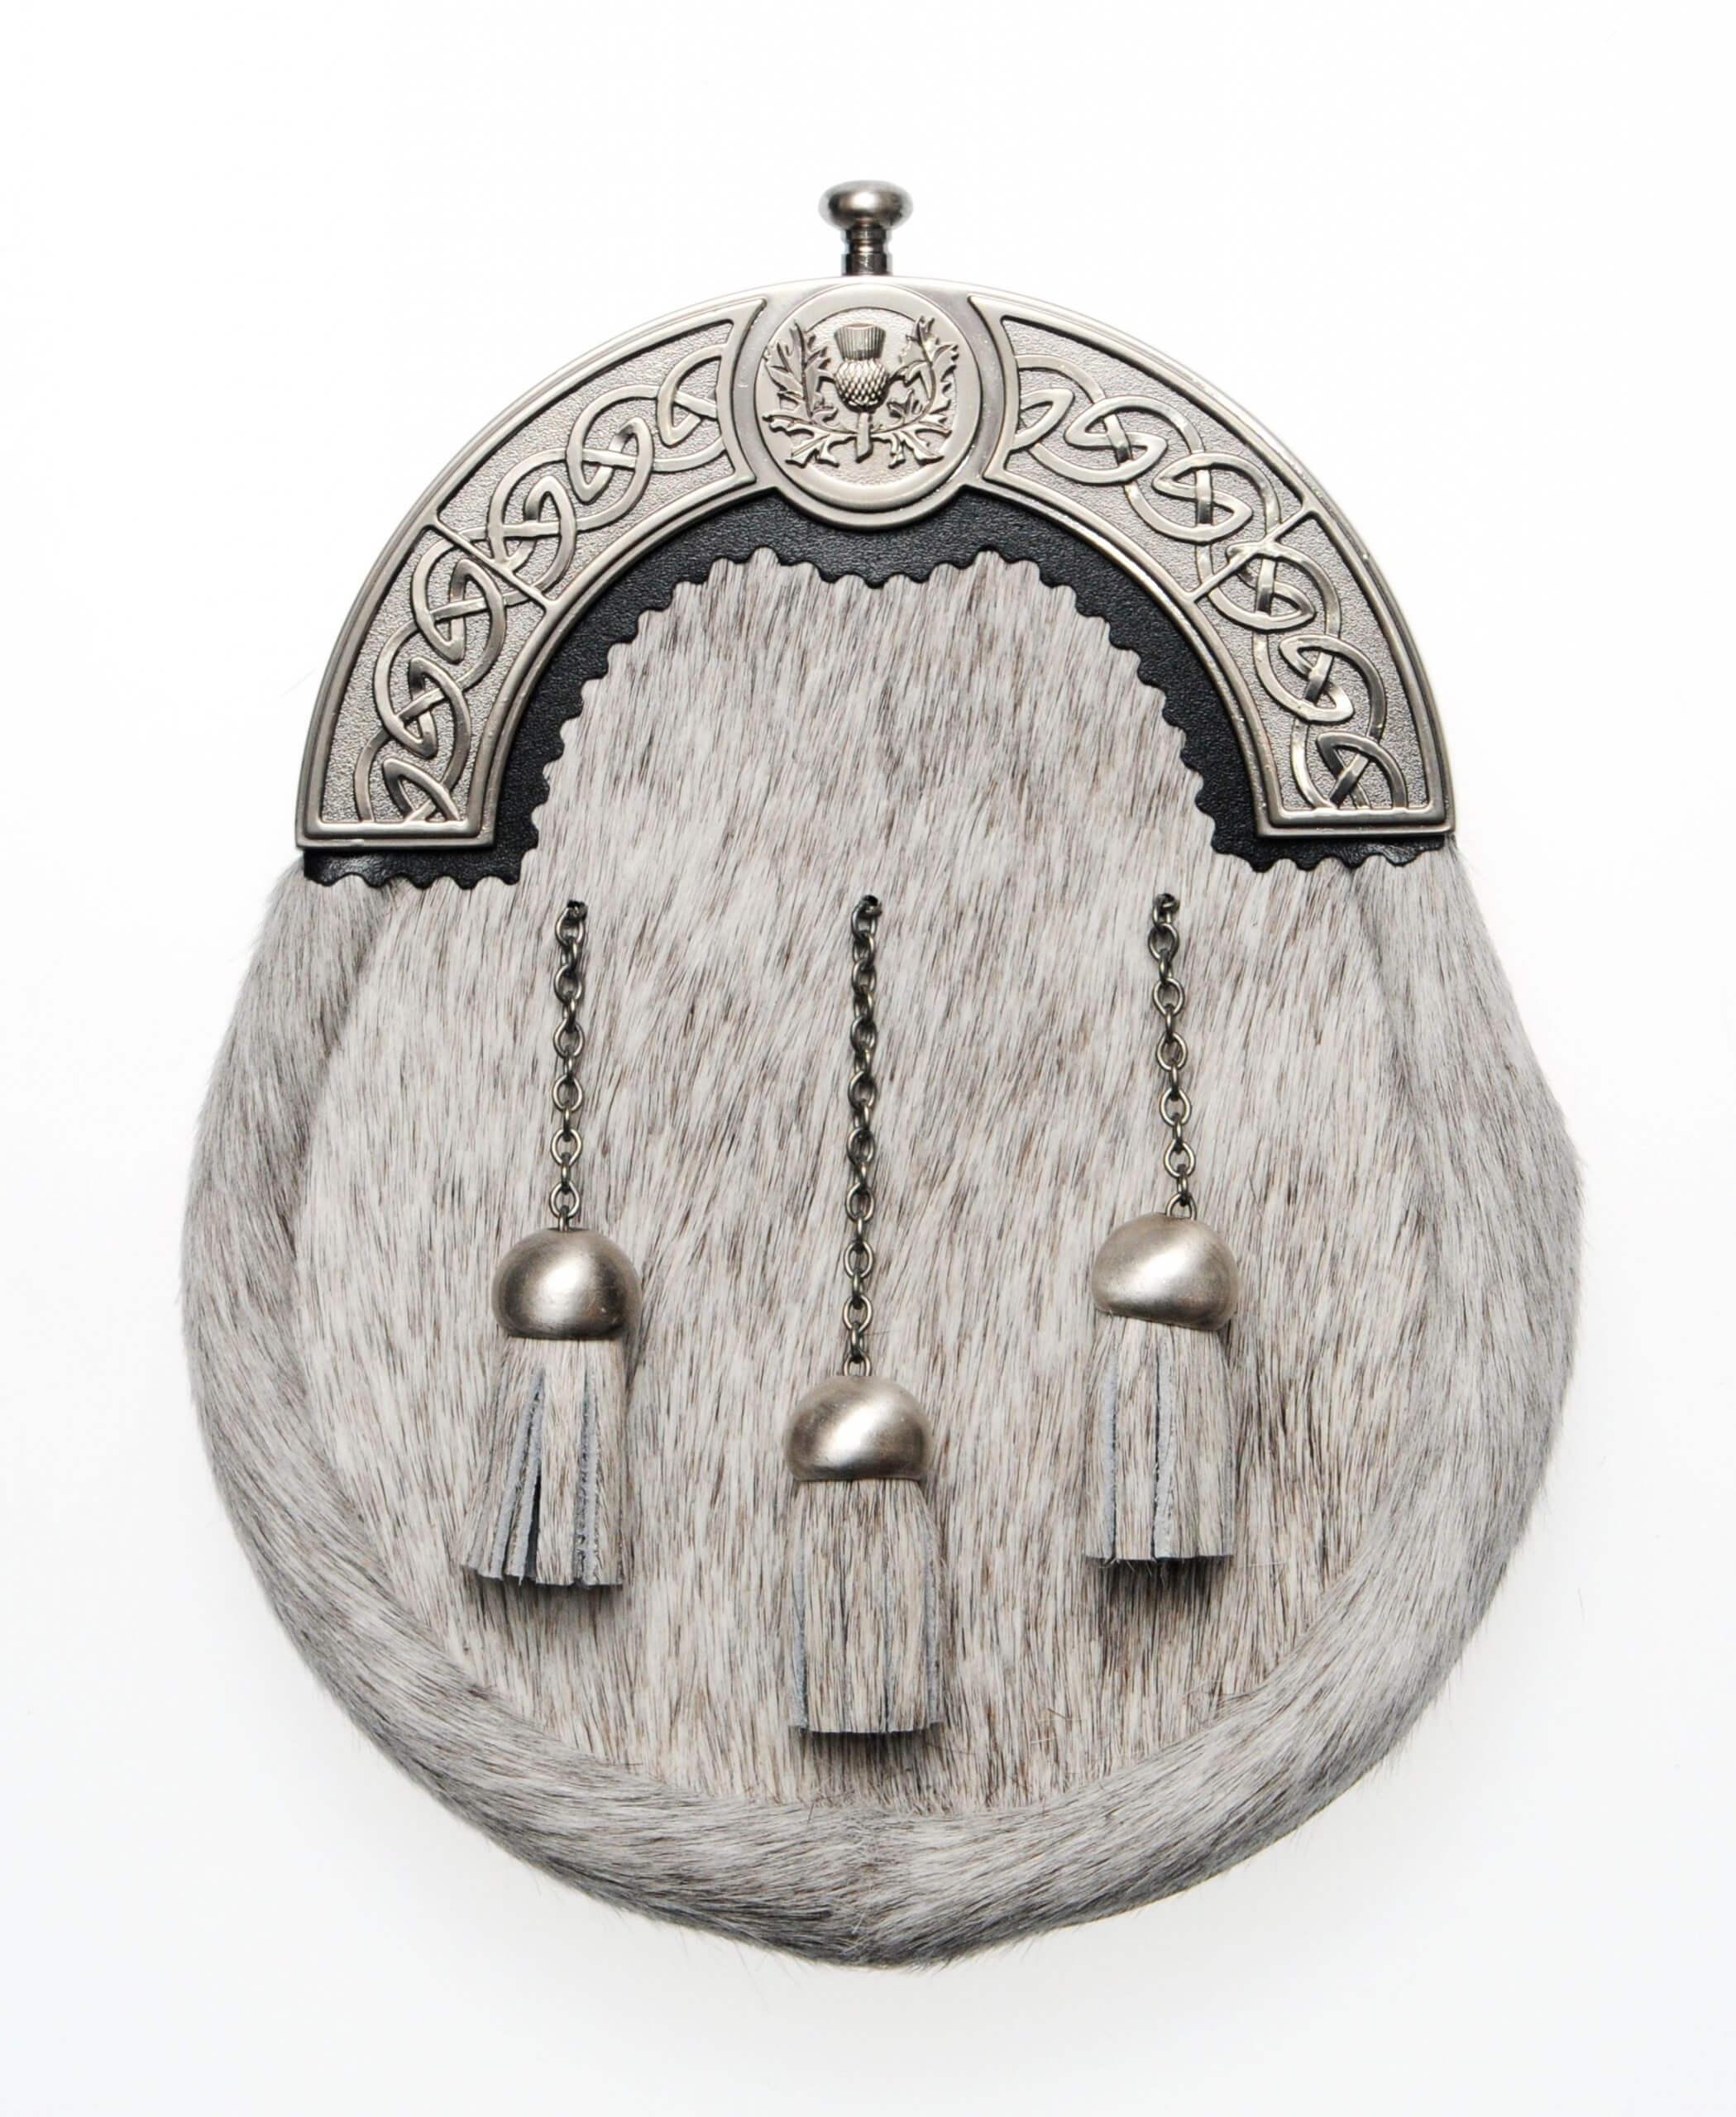 Thistle Dress Sporran Antique Cantle